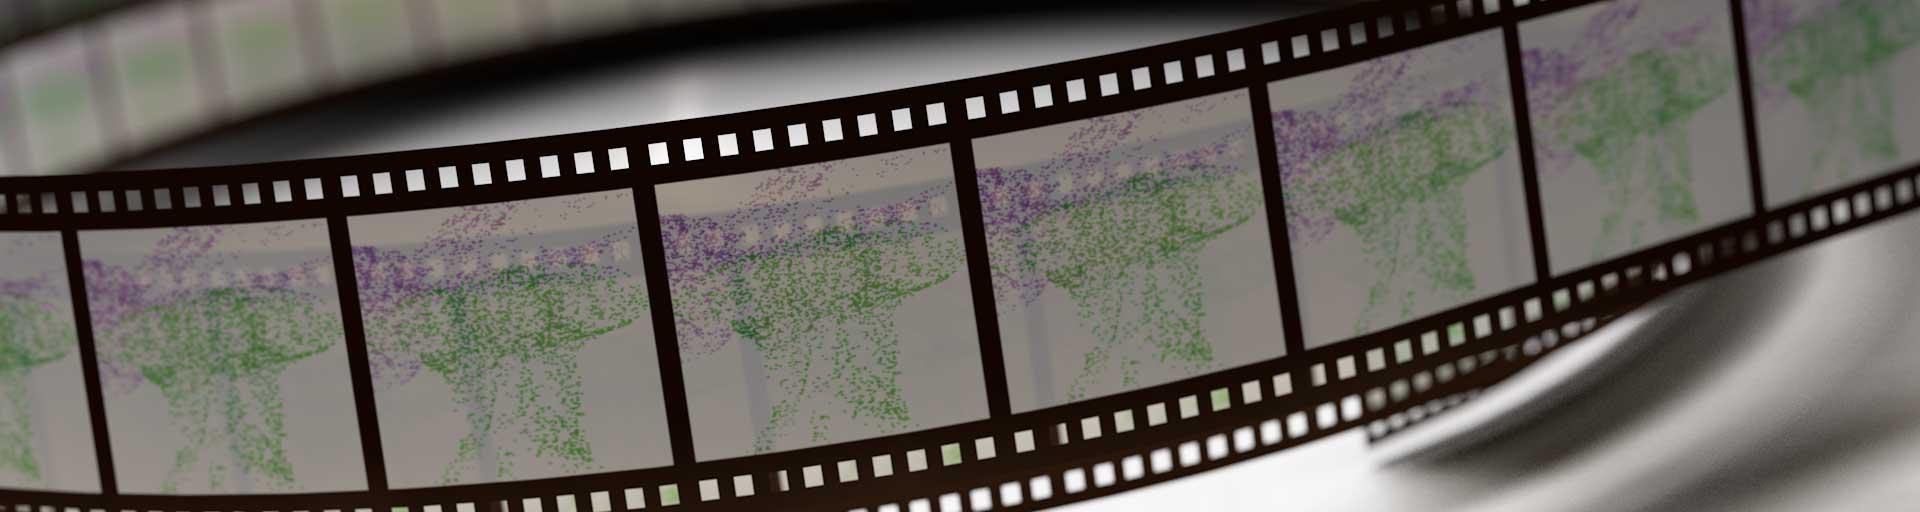 film_image